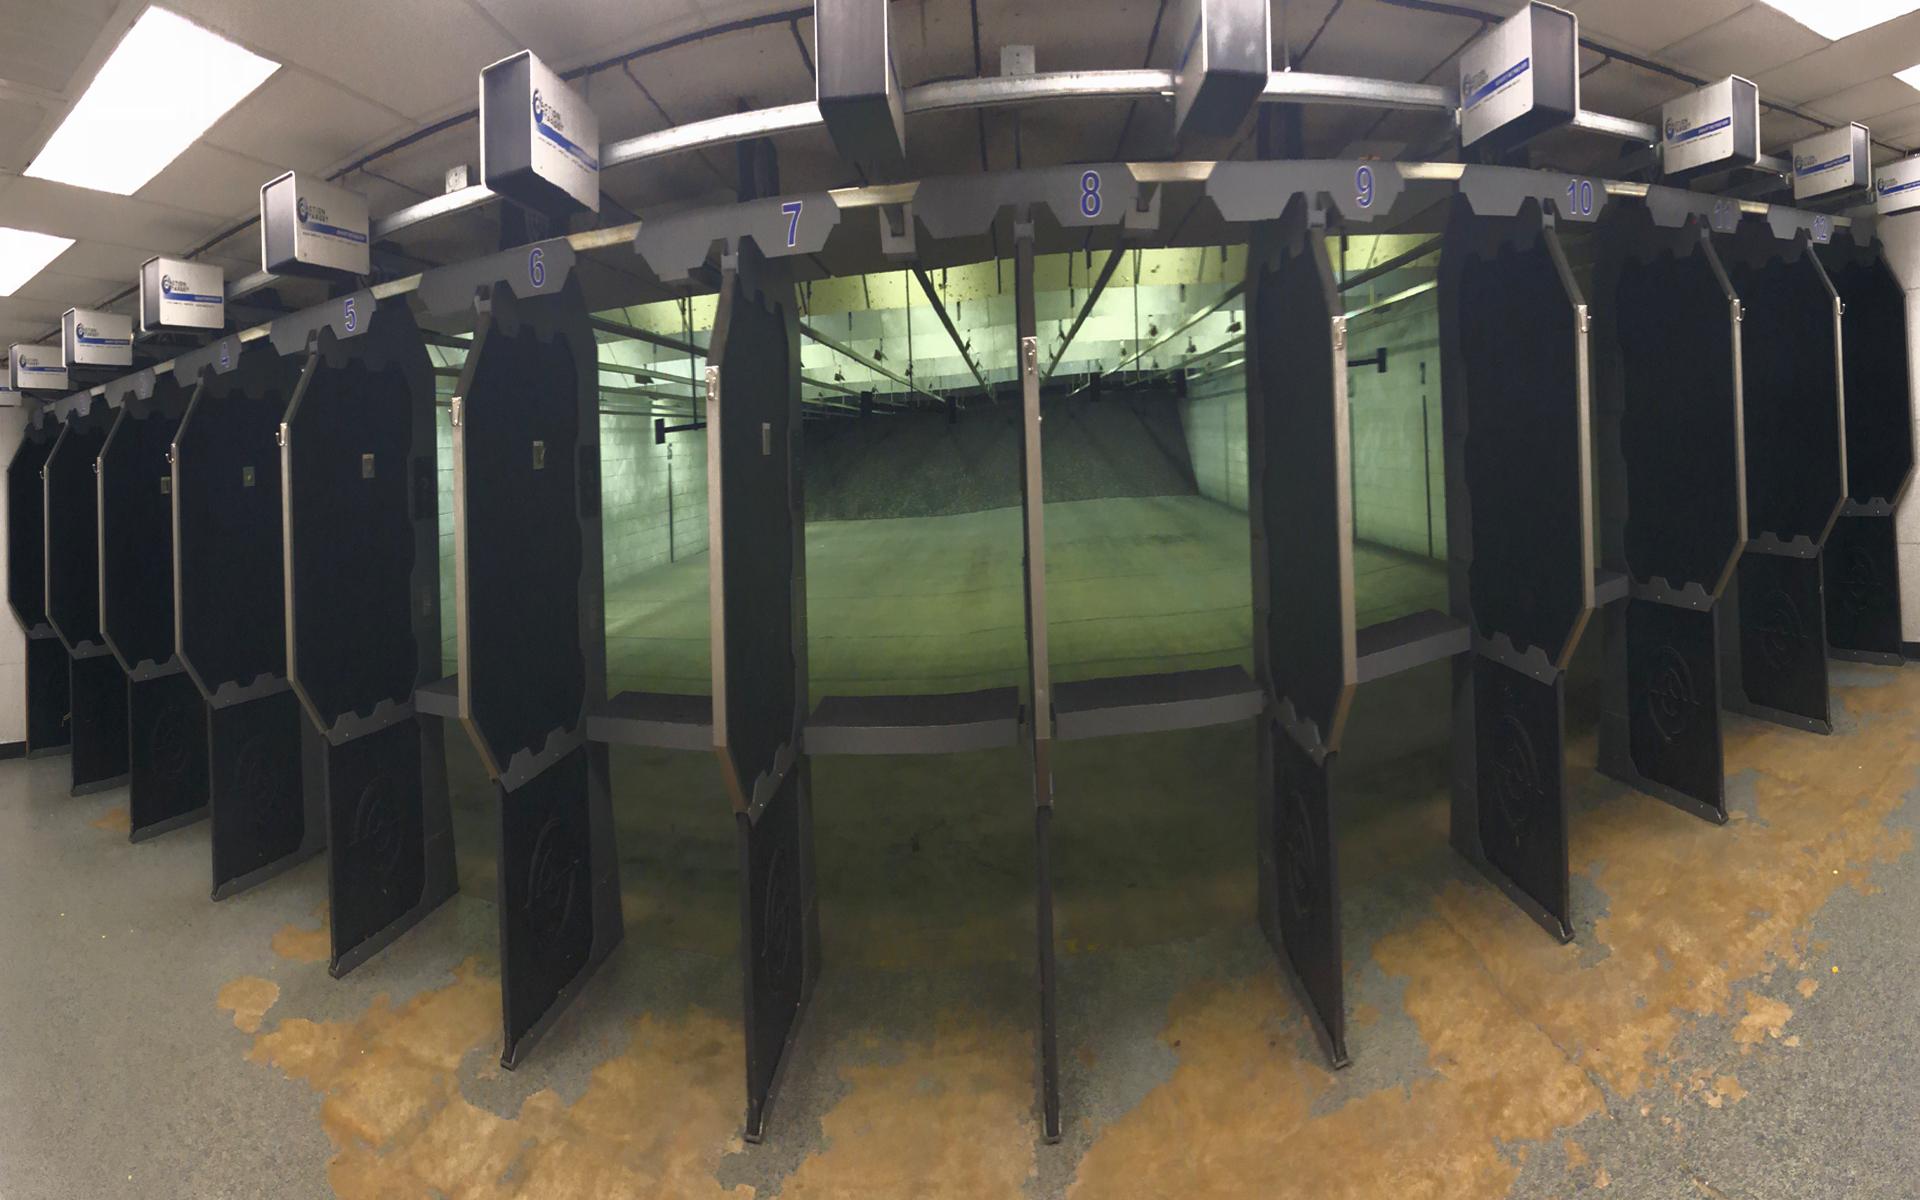 Shooting Range Pricing | Top Gun Shooting Sports Inc - Gun Store